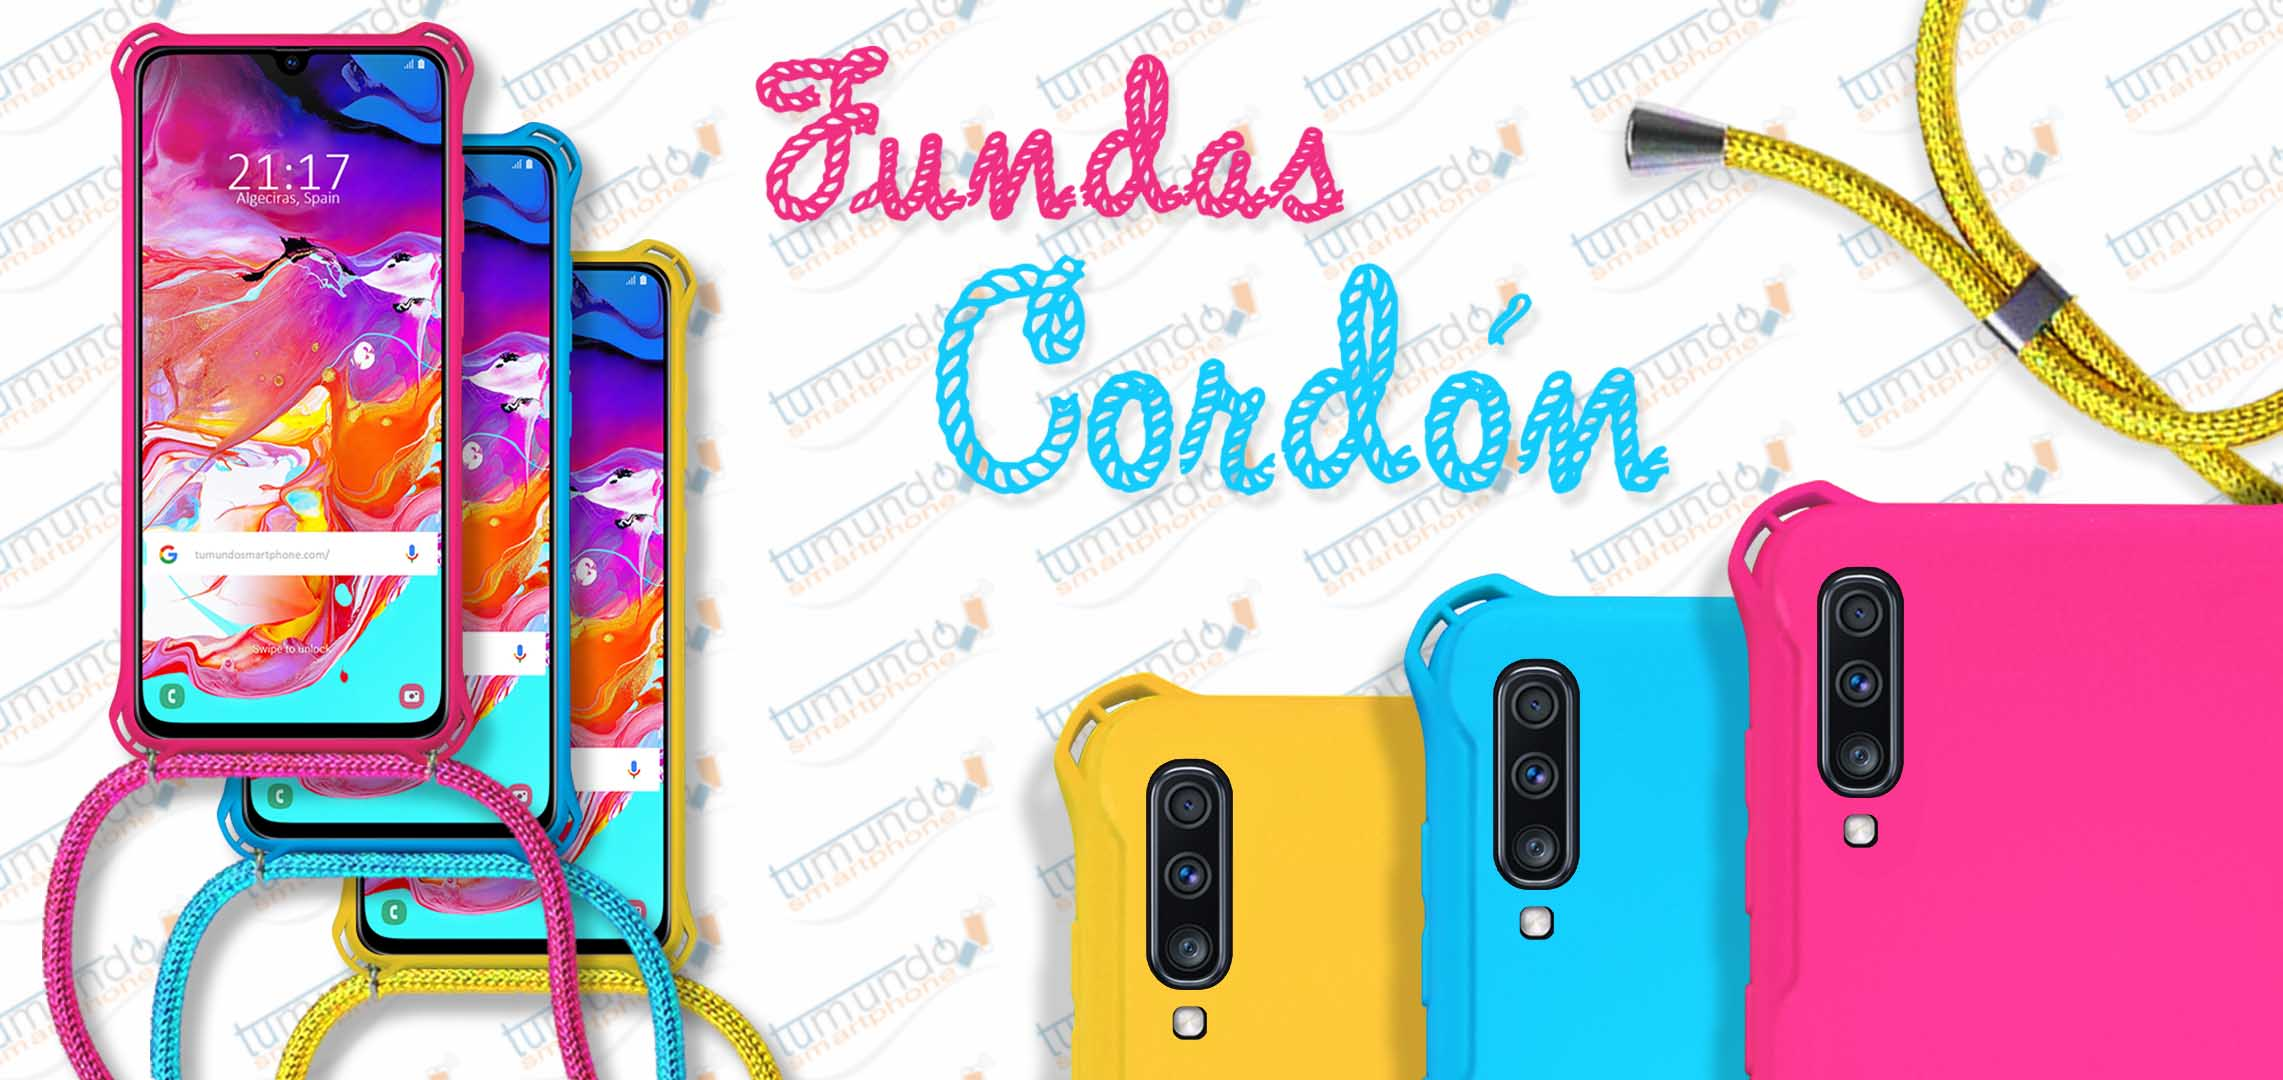 de57ac34b3f Fundas personalizadas para móviles, carcasas y protectores ...